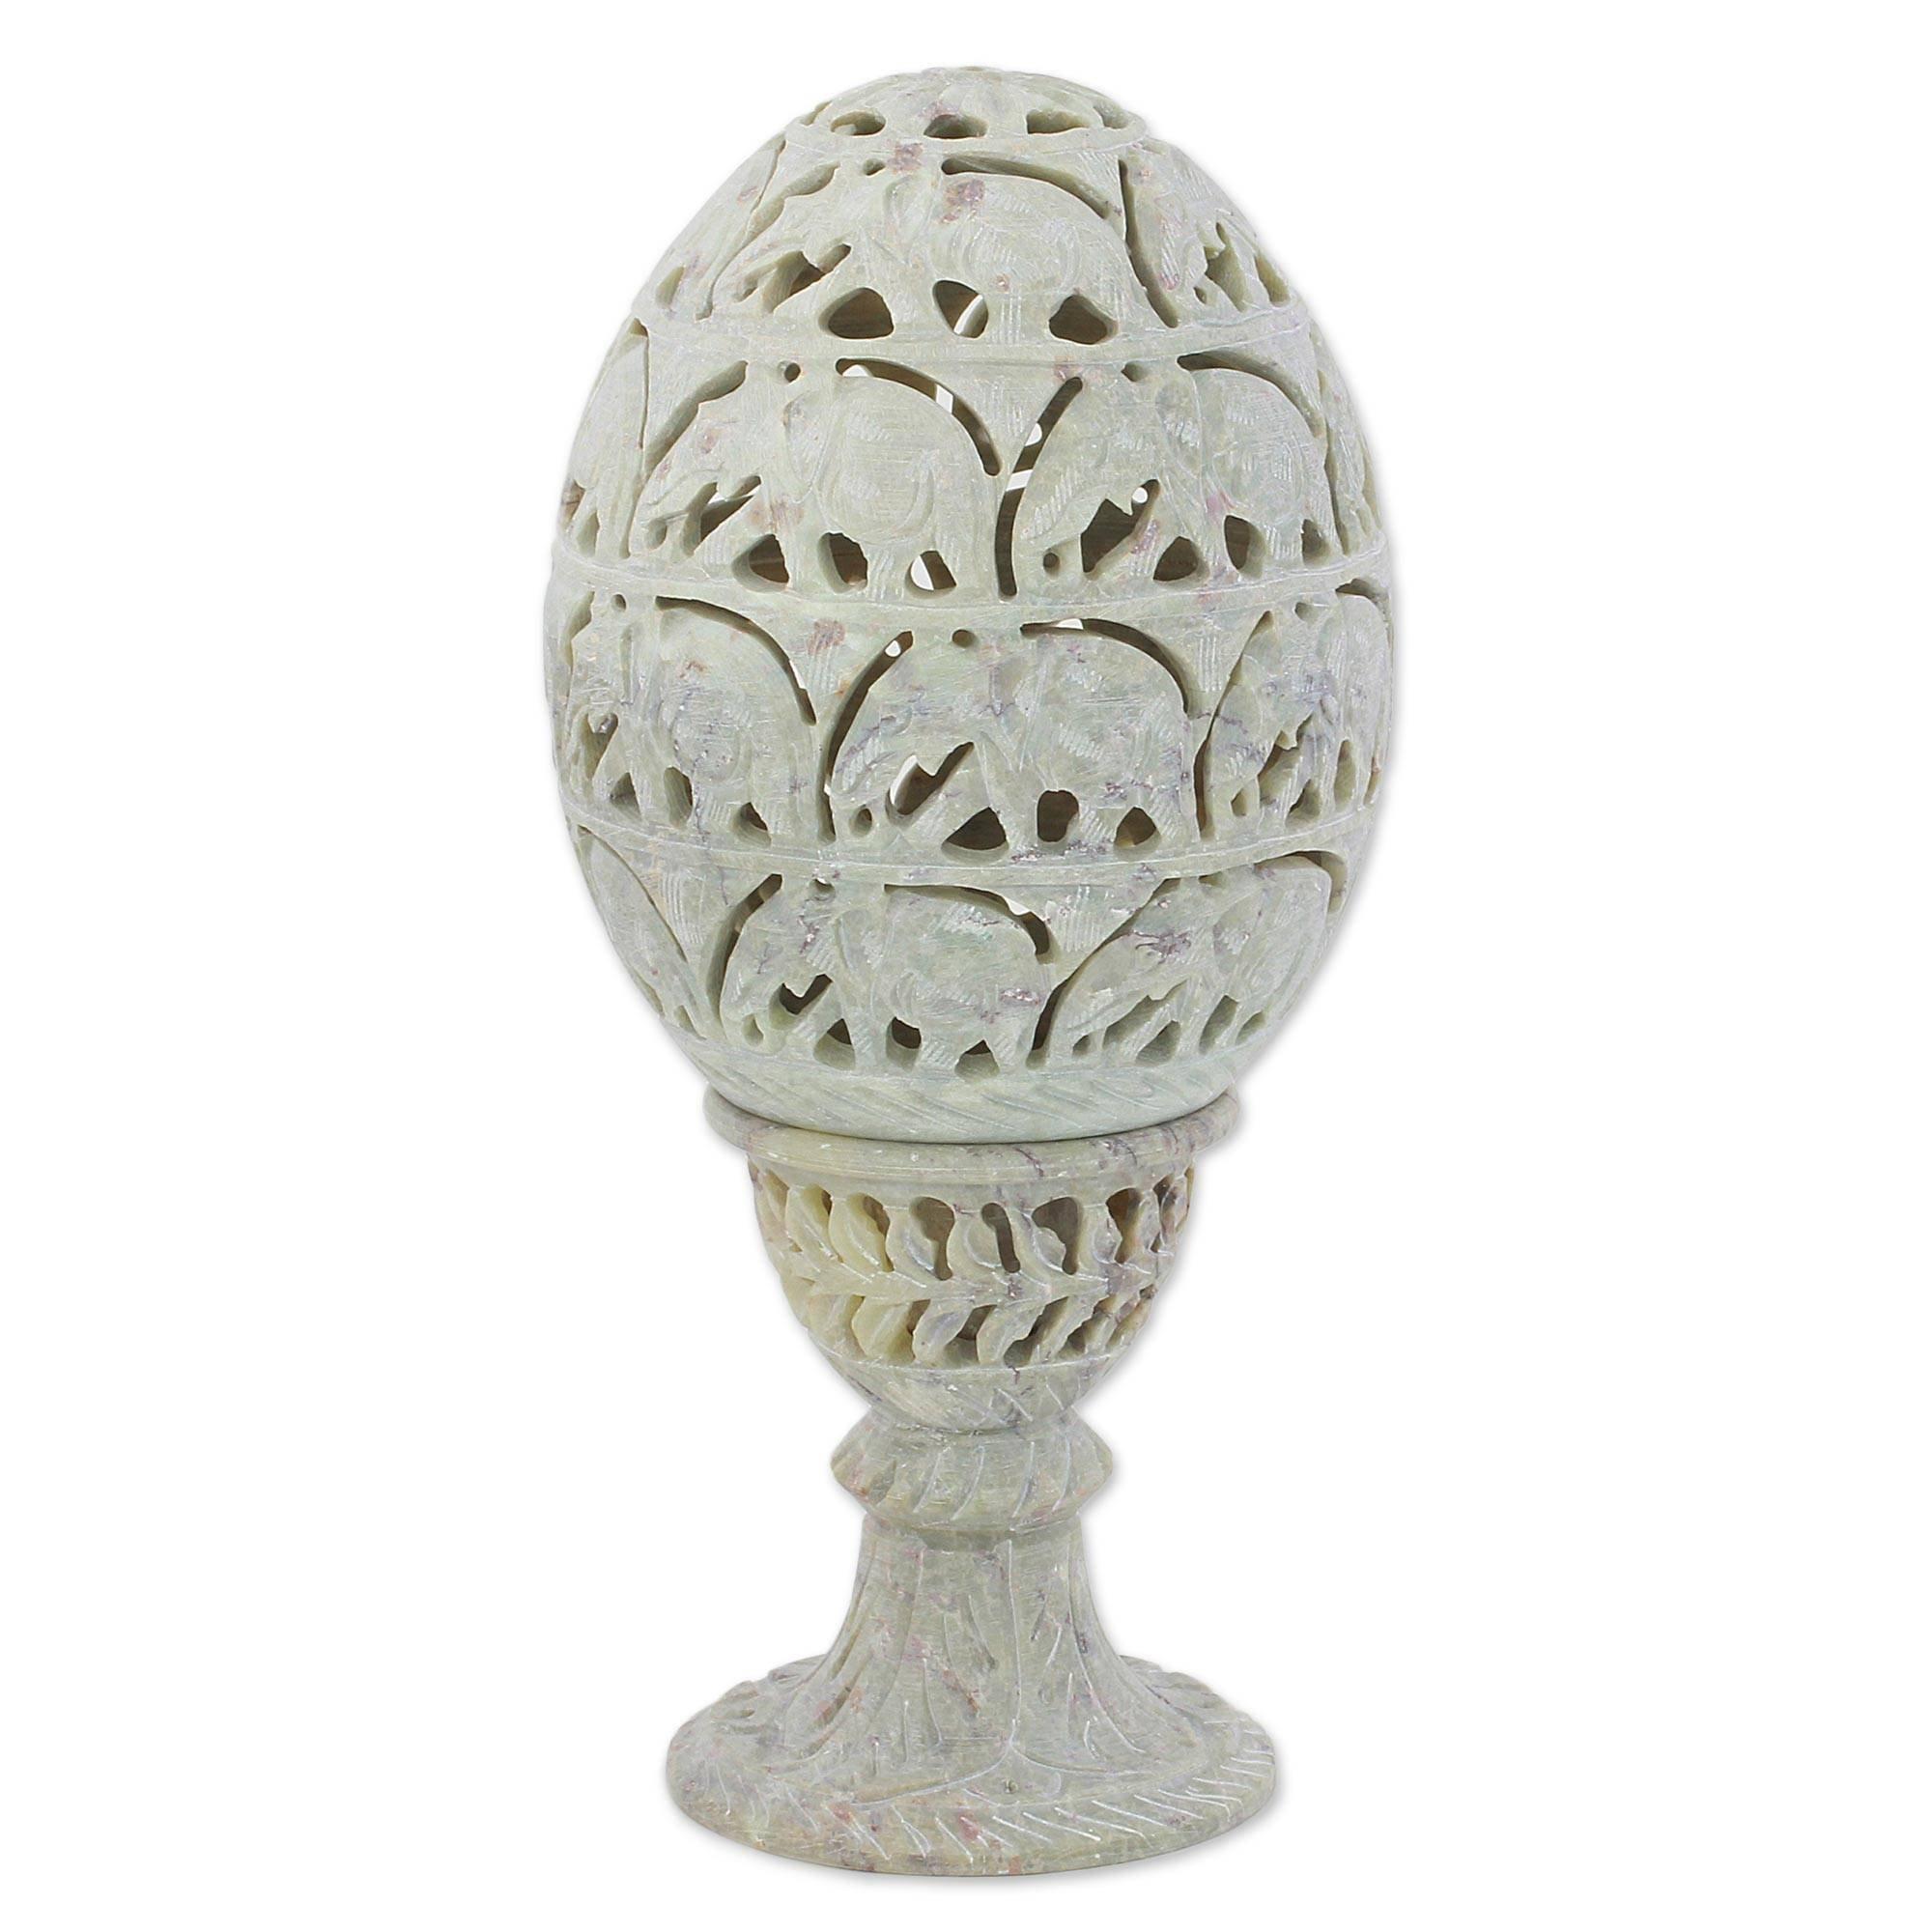 NOVICA Animal Themed Soapstone Candle Holder, Grey, Elephant Egg'